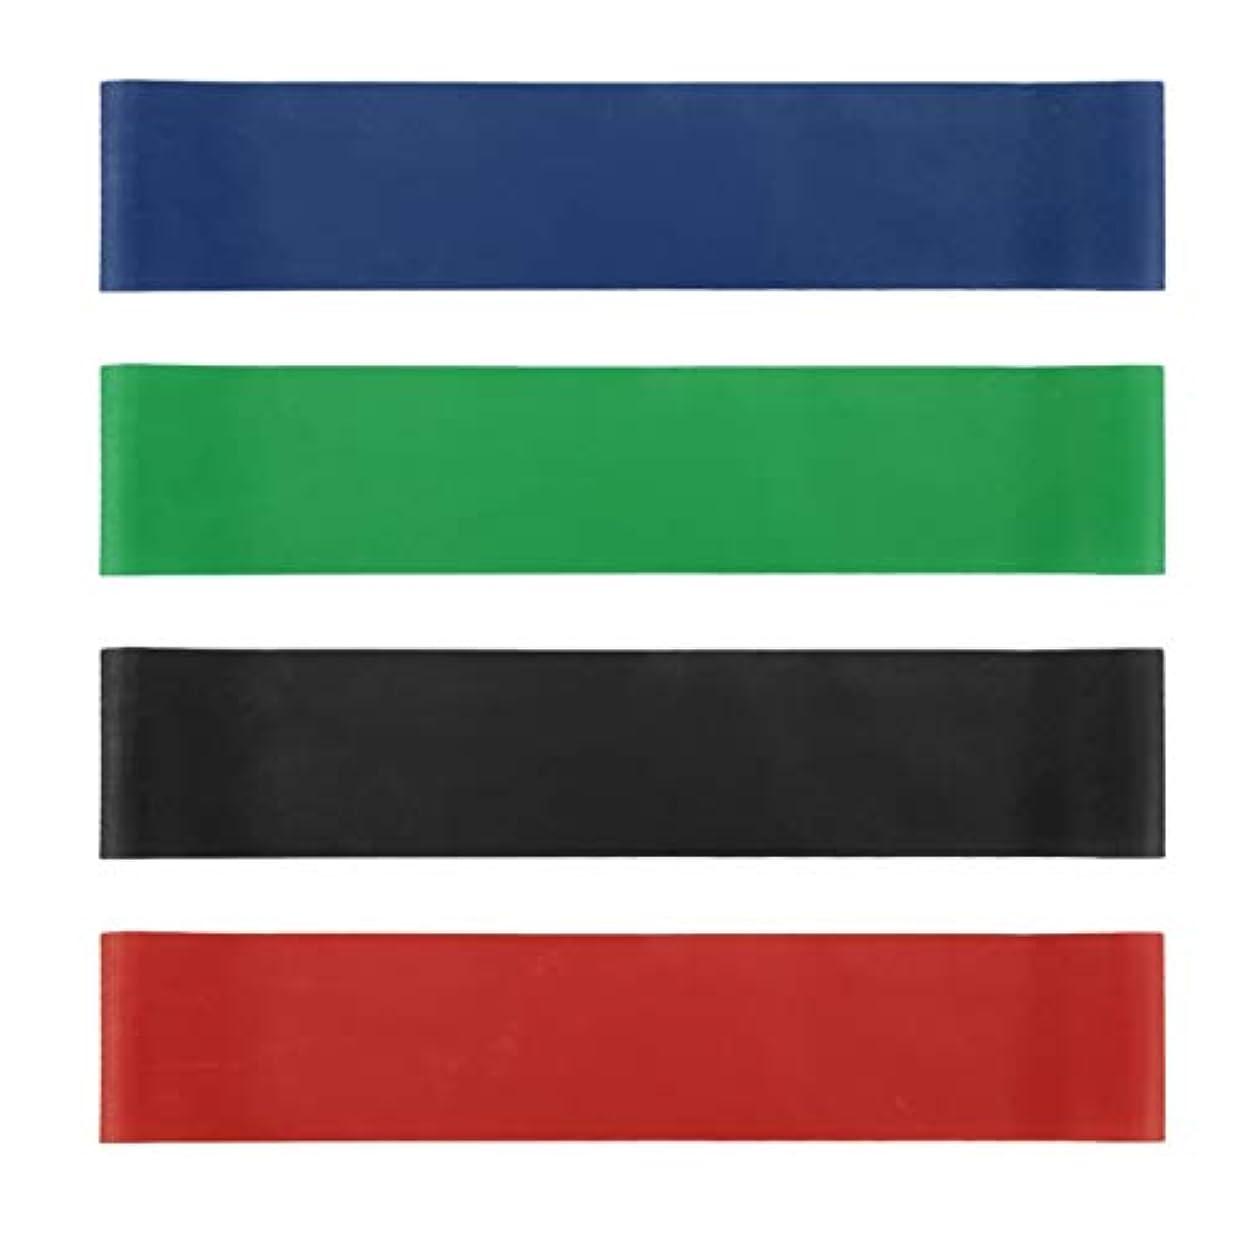 パラシュートソブリケット泥沼4本の伸縮性ゴム弾性ヨガベルトバンドプルロープ張力抵抗バンドループ強度のフィットネスヨガツール - レッド&ブルー&グリーン&ブラック